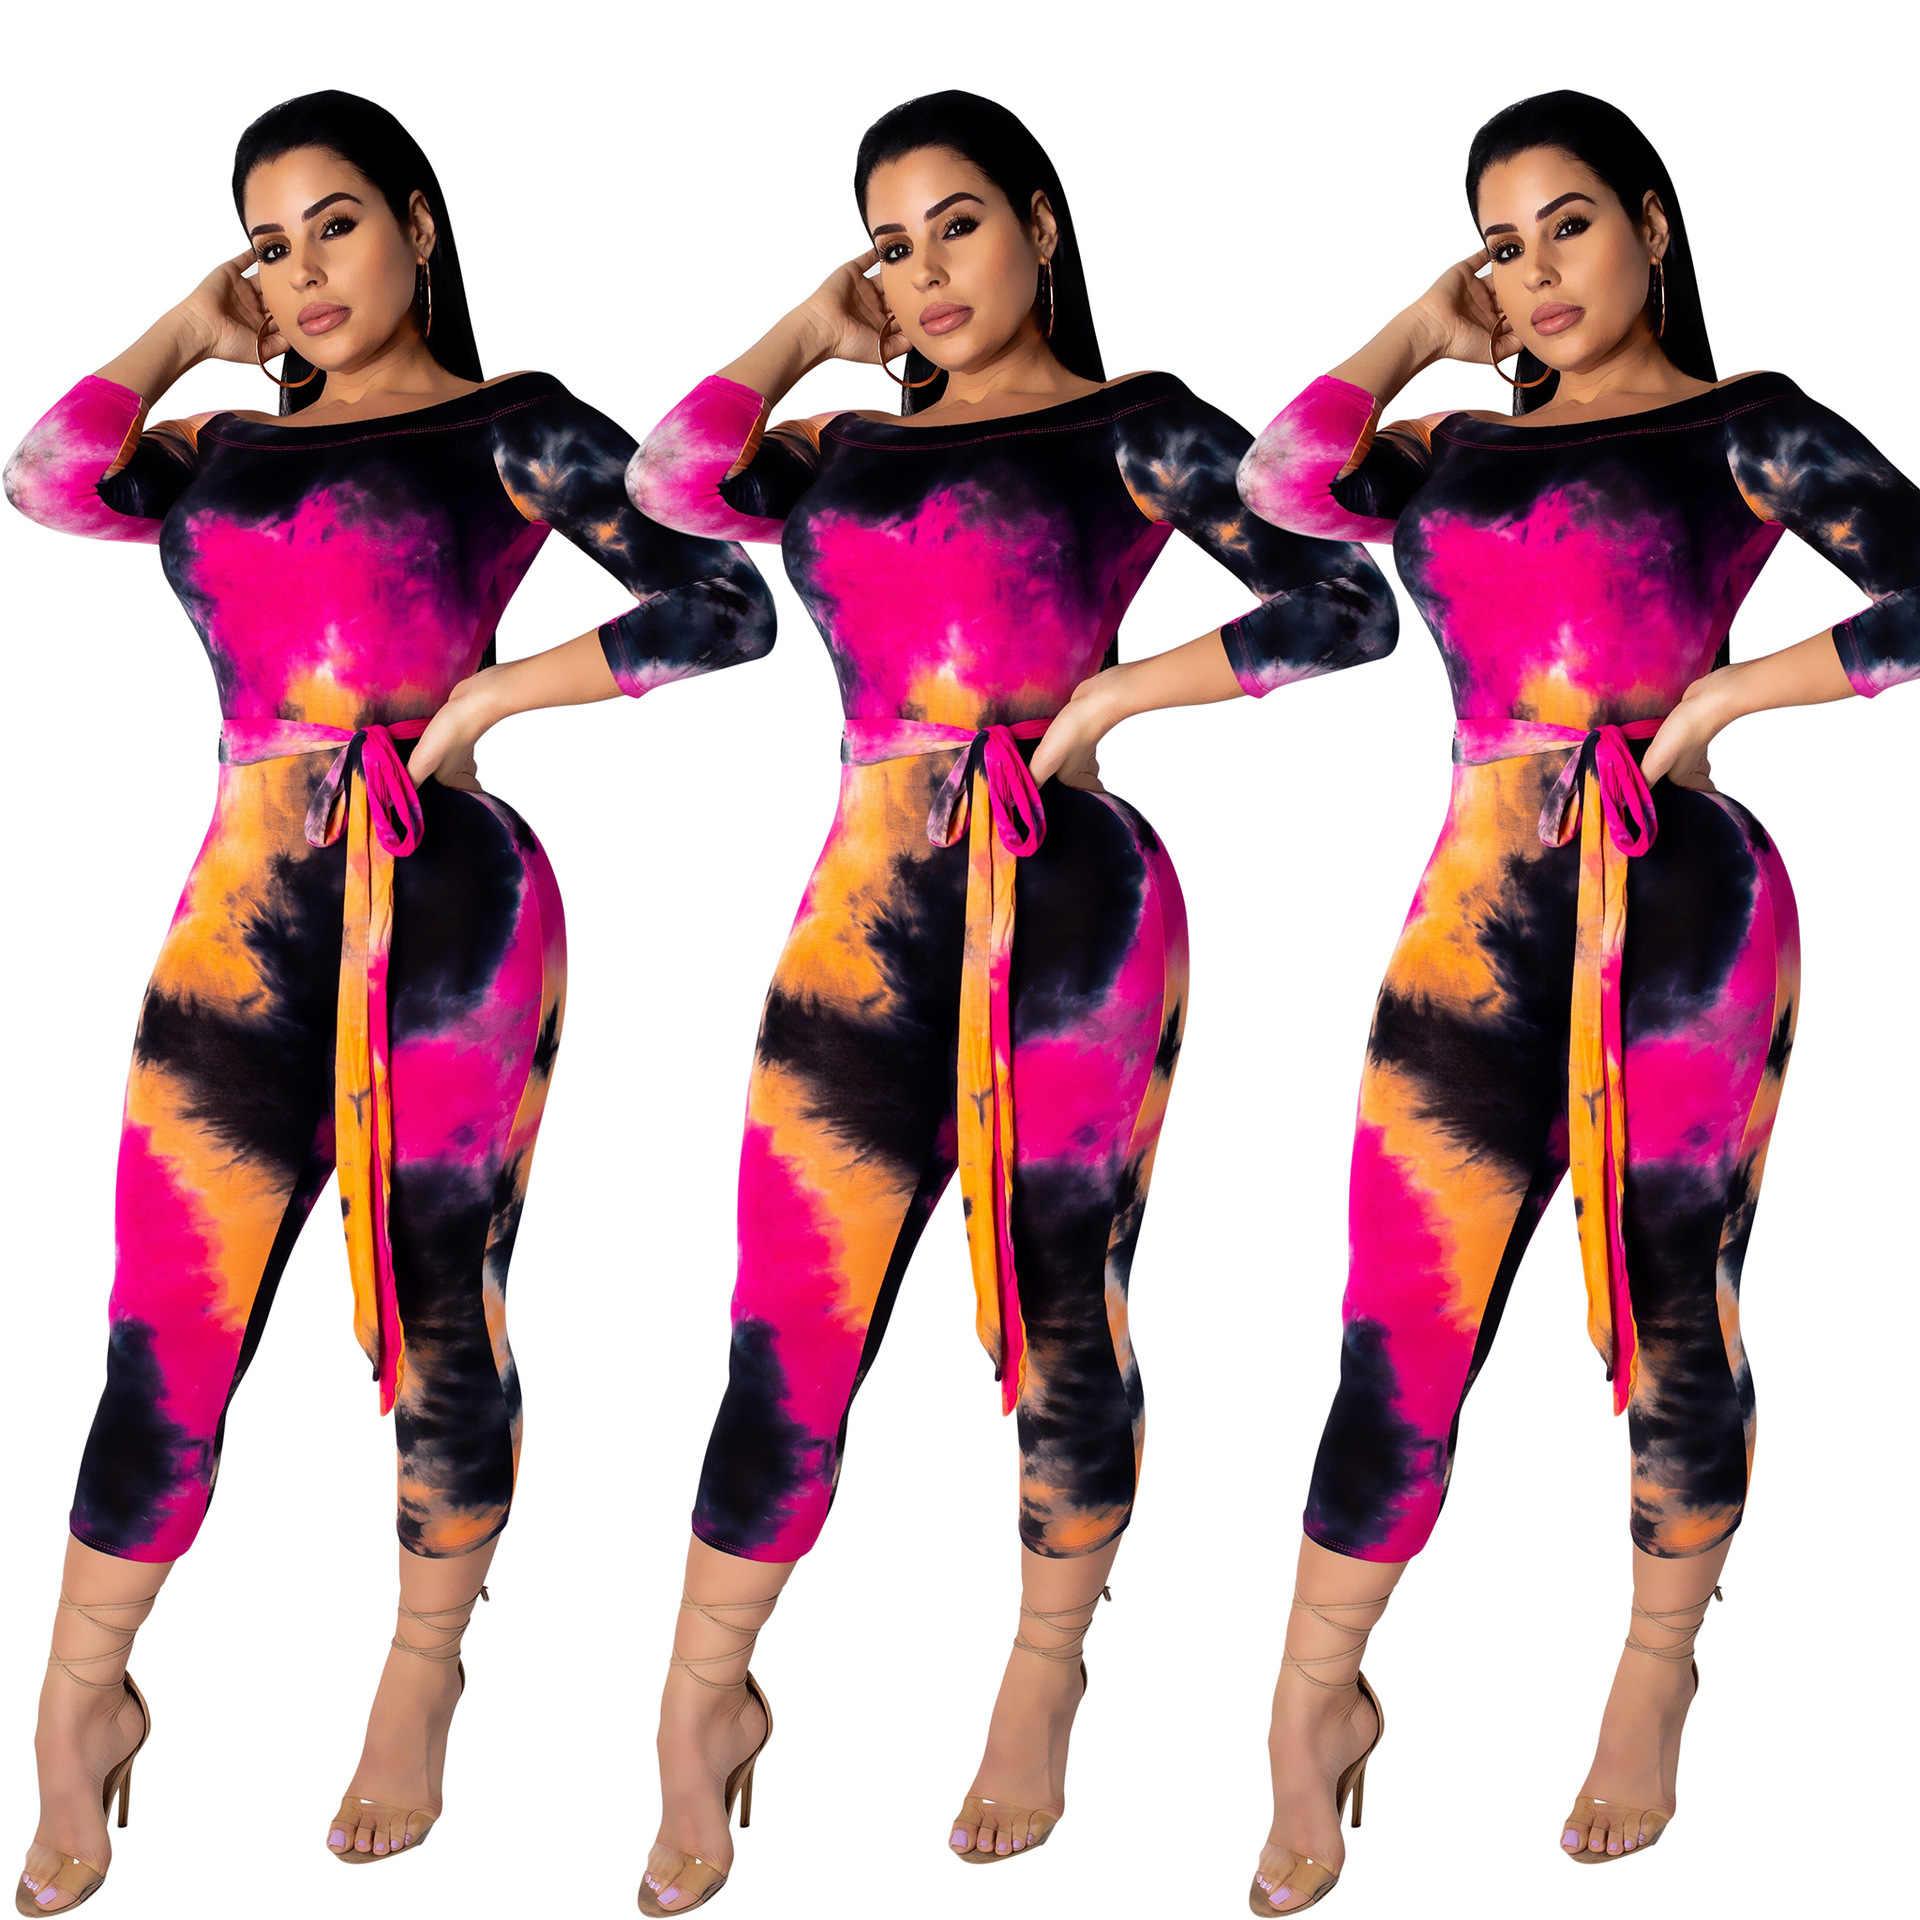 Ster-Gedrukt One-Kraag Casual Broek Zeven Minuten Broek Verjaardag Party Club Banket Nachtclub Elegante Luxe Sexy jurk